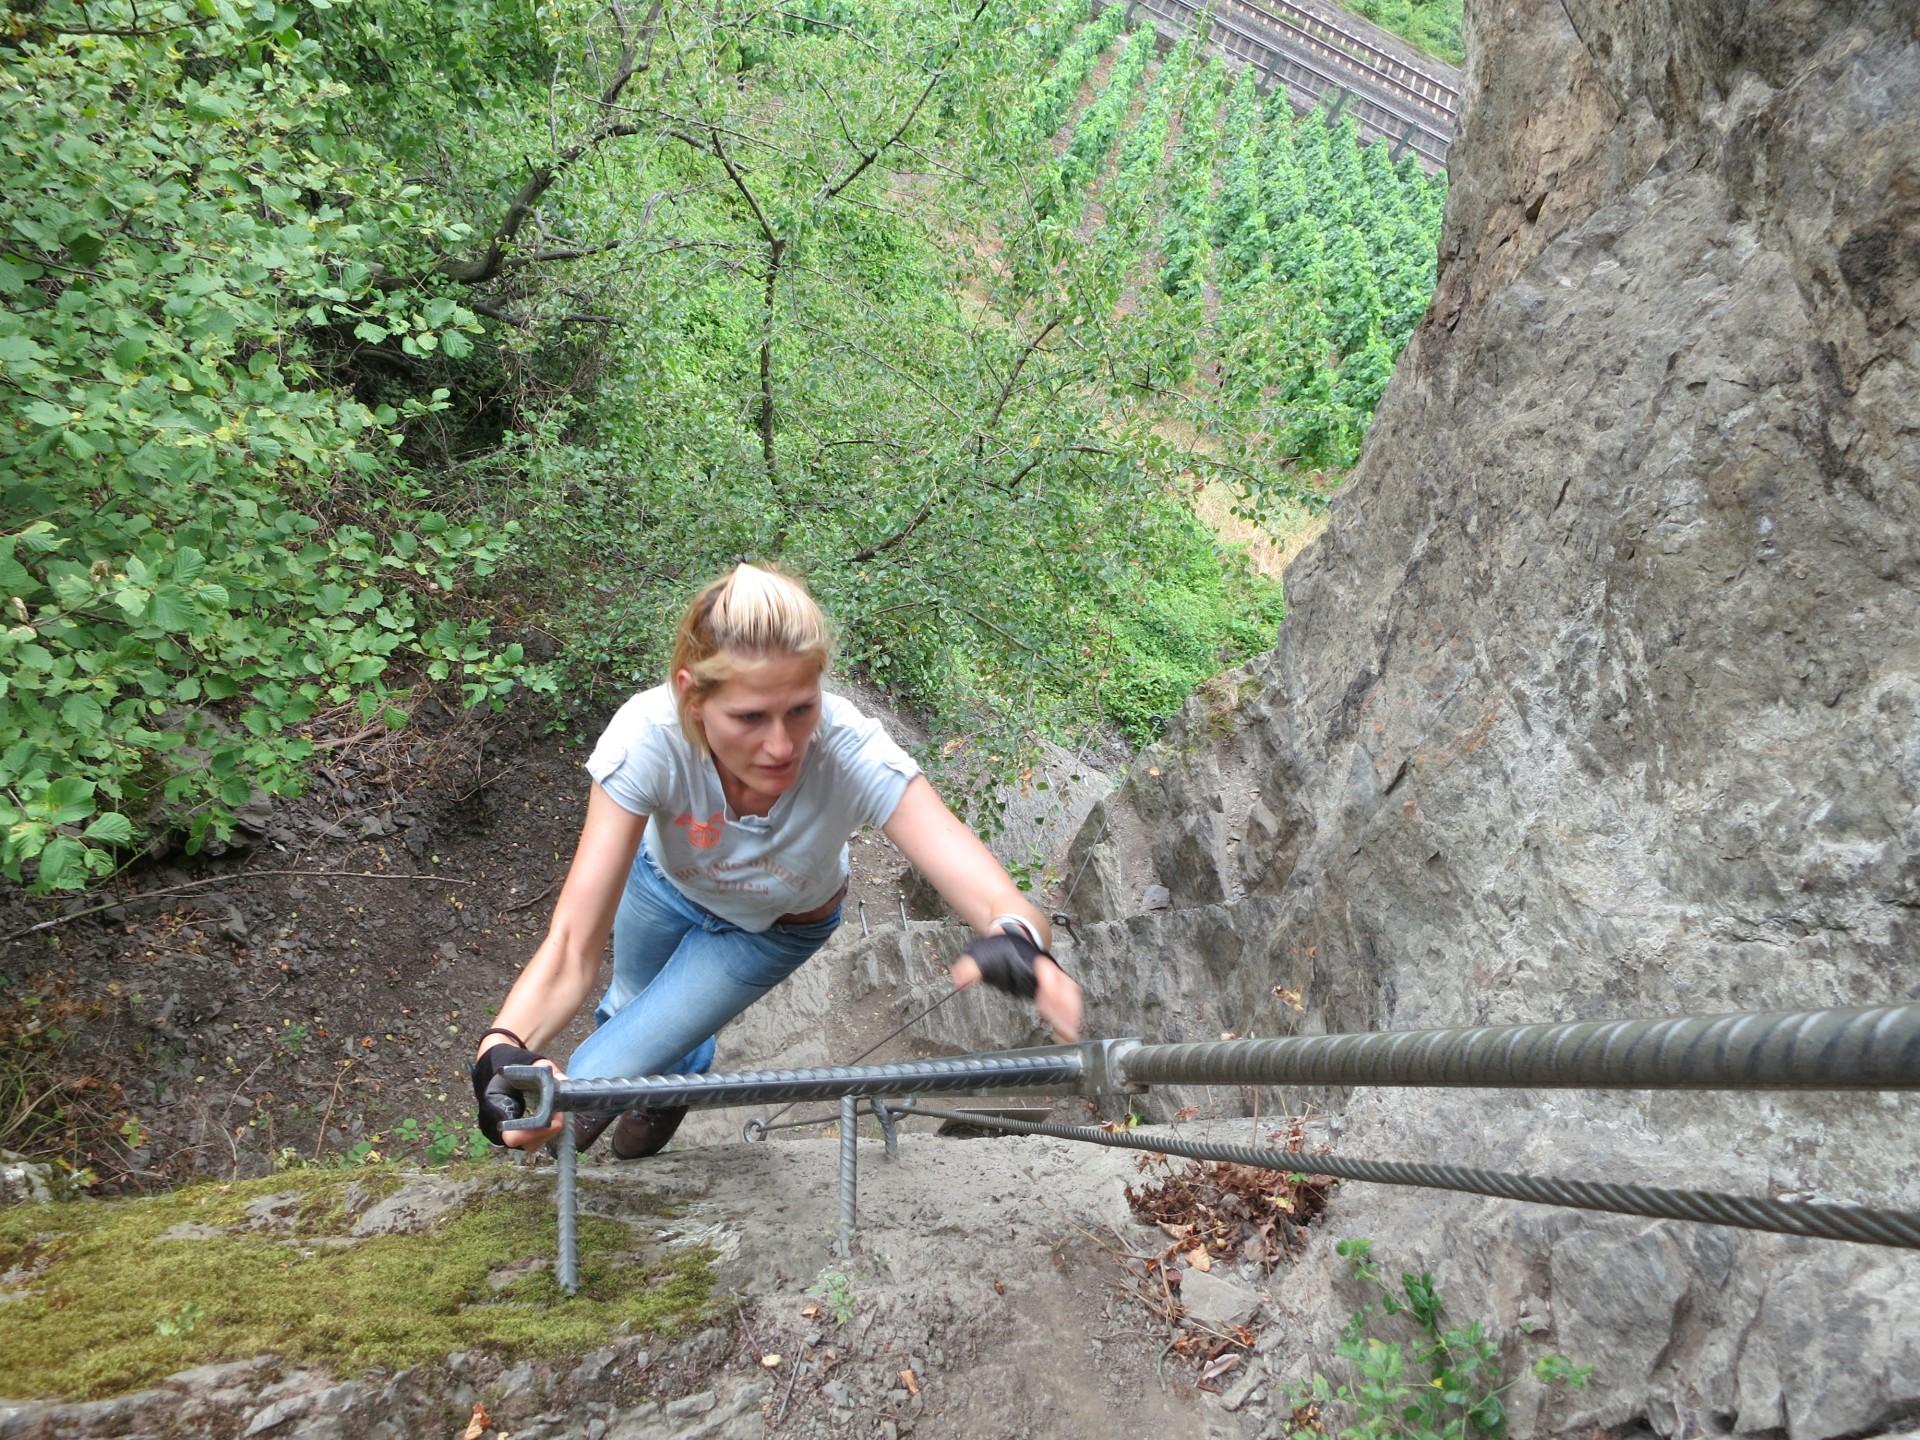 Klettersteig Rhein Boppard : Mittelrheinsteig klettersteig boppard foto